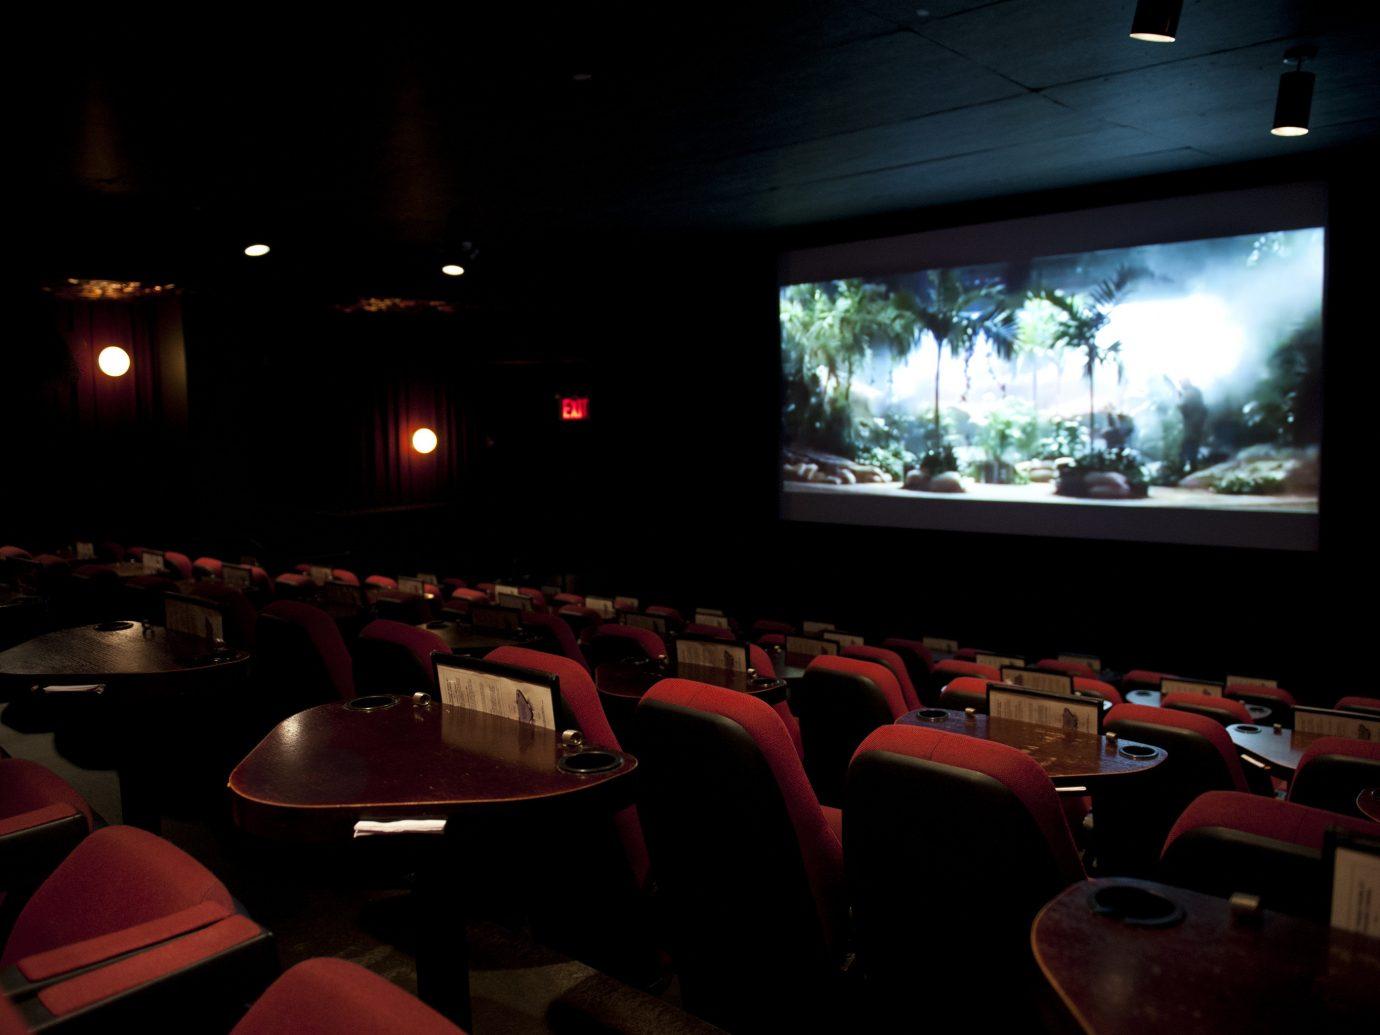 Arts + Culture indoor Living room stage Bar auditorium restaurant movie theater theatre audience